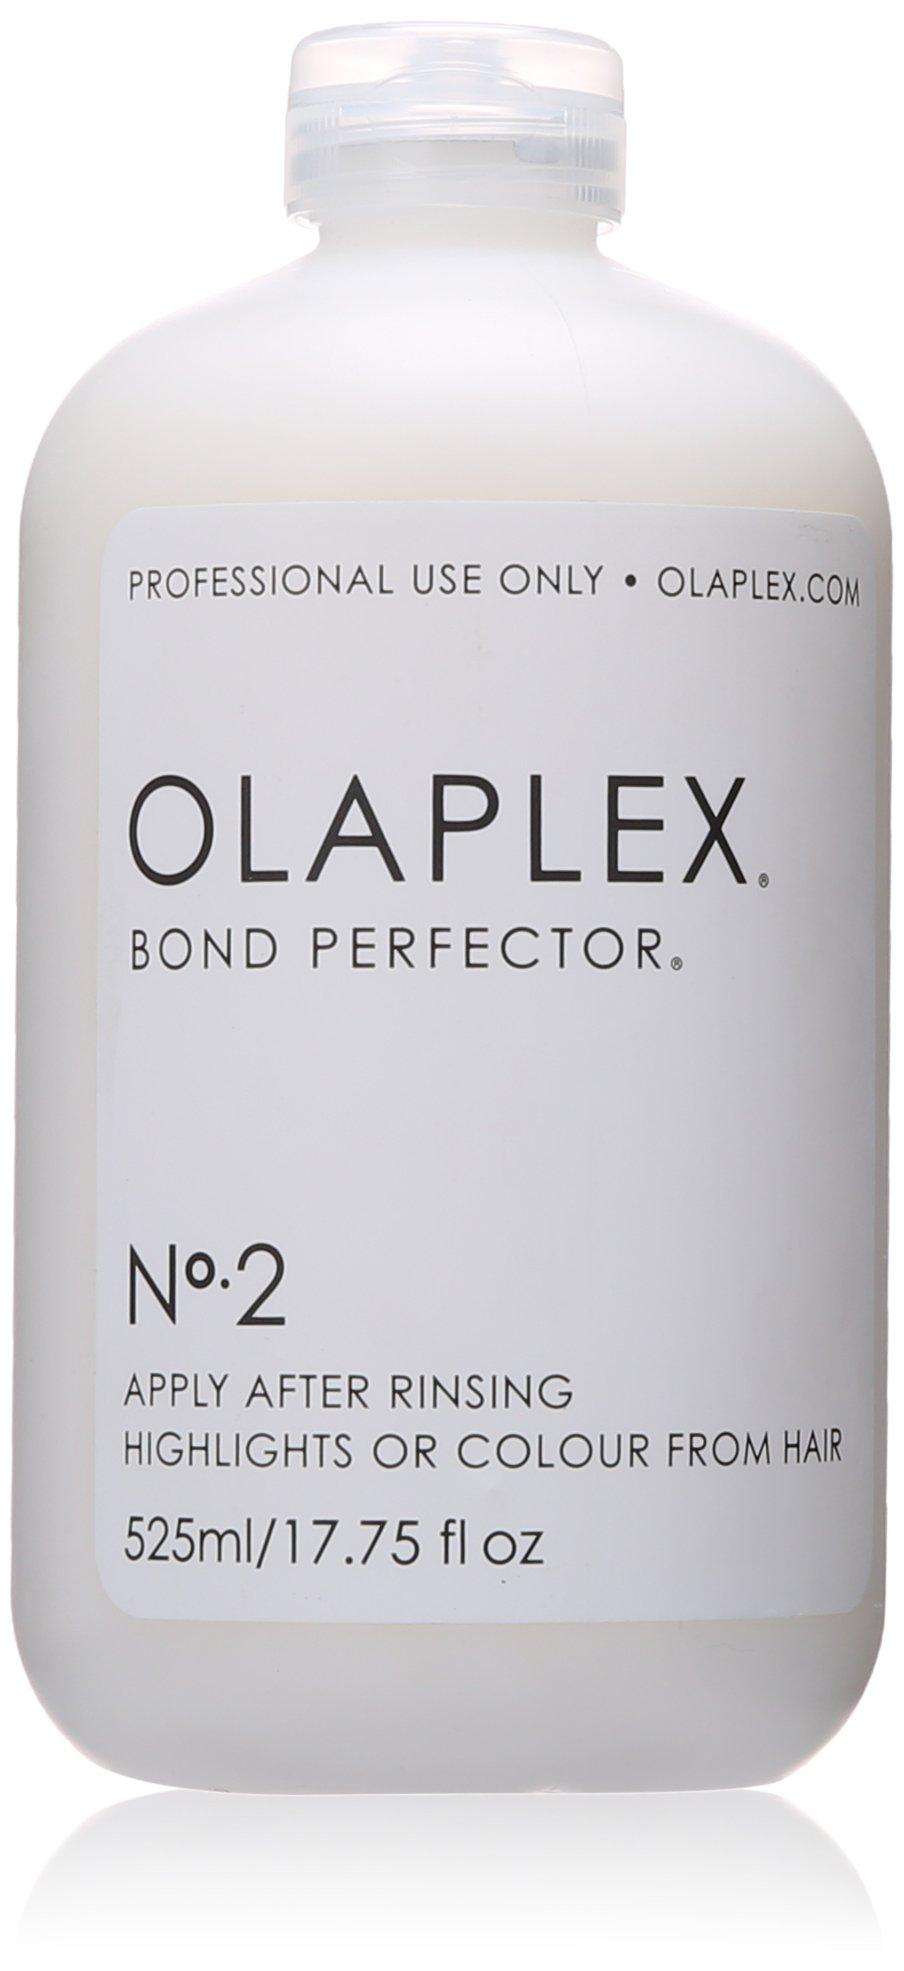 Olaplex Hair Bond Perfector for Unisex, 17.75 Ounce